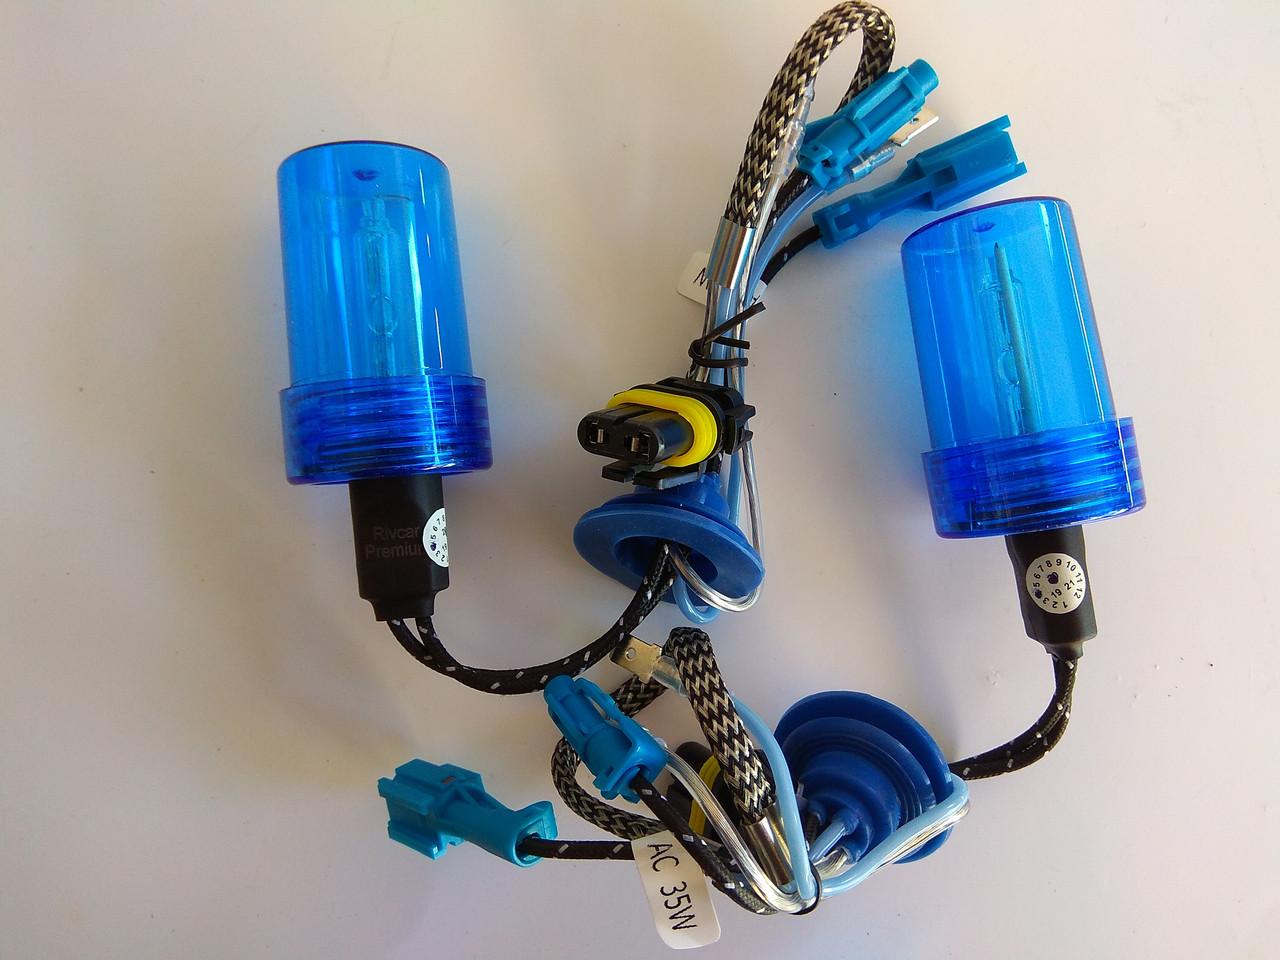 Ксеноновые лампы Rivcar Premium HB4 9006 6000k